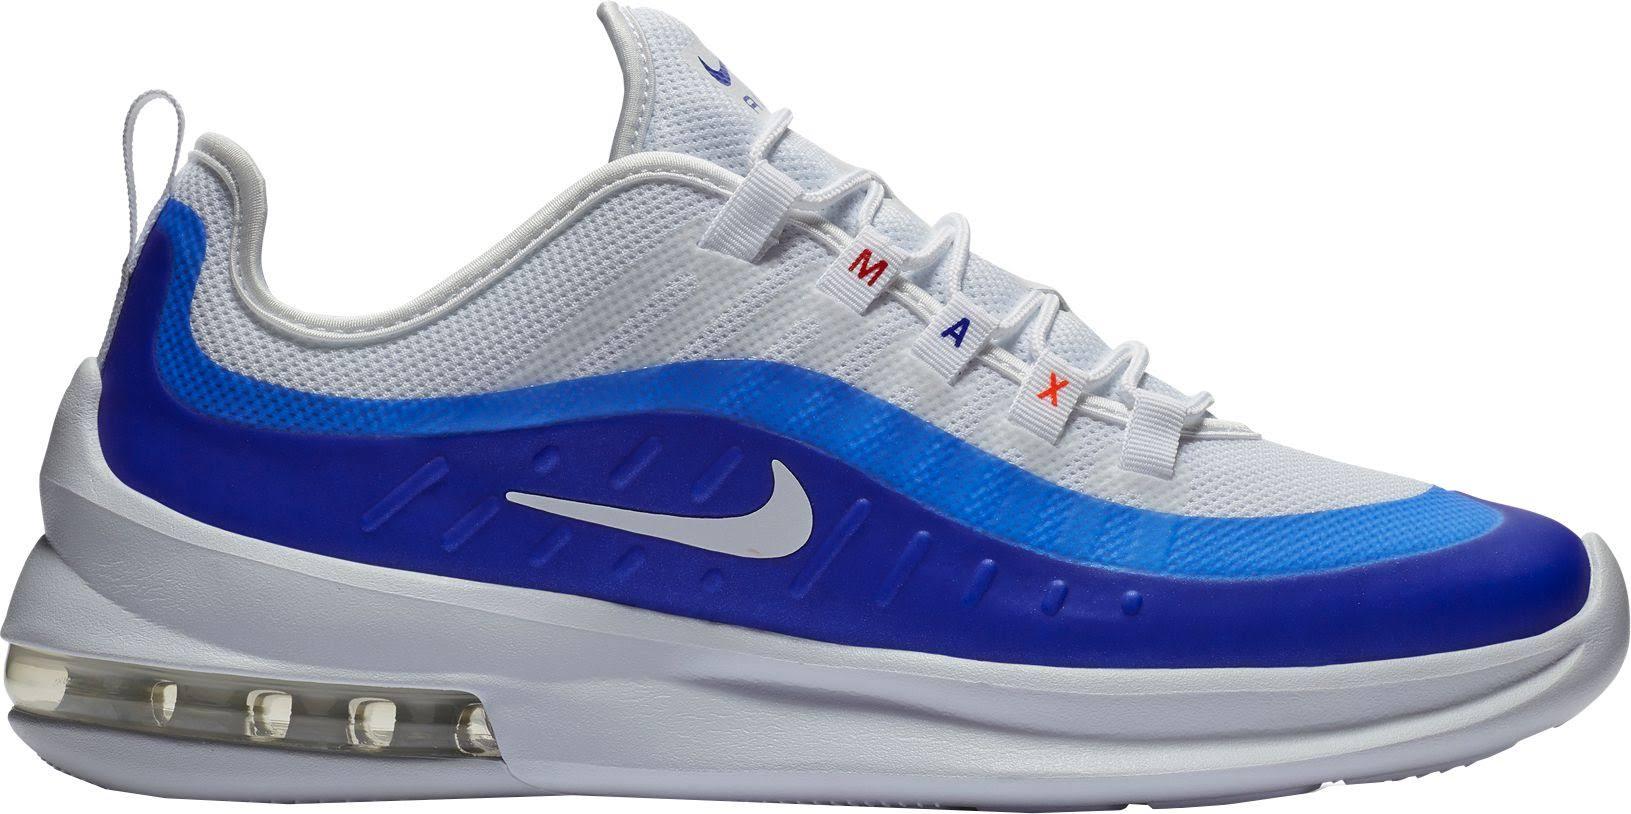 Blau Herren Weiß Nike Schuhe 5 Air 8 Für Größe racer Axis Weiß Max wqXfxZz7q